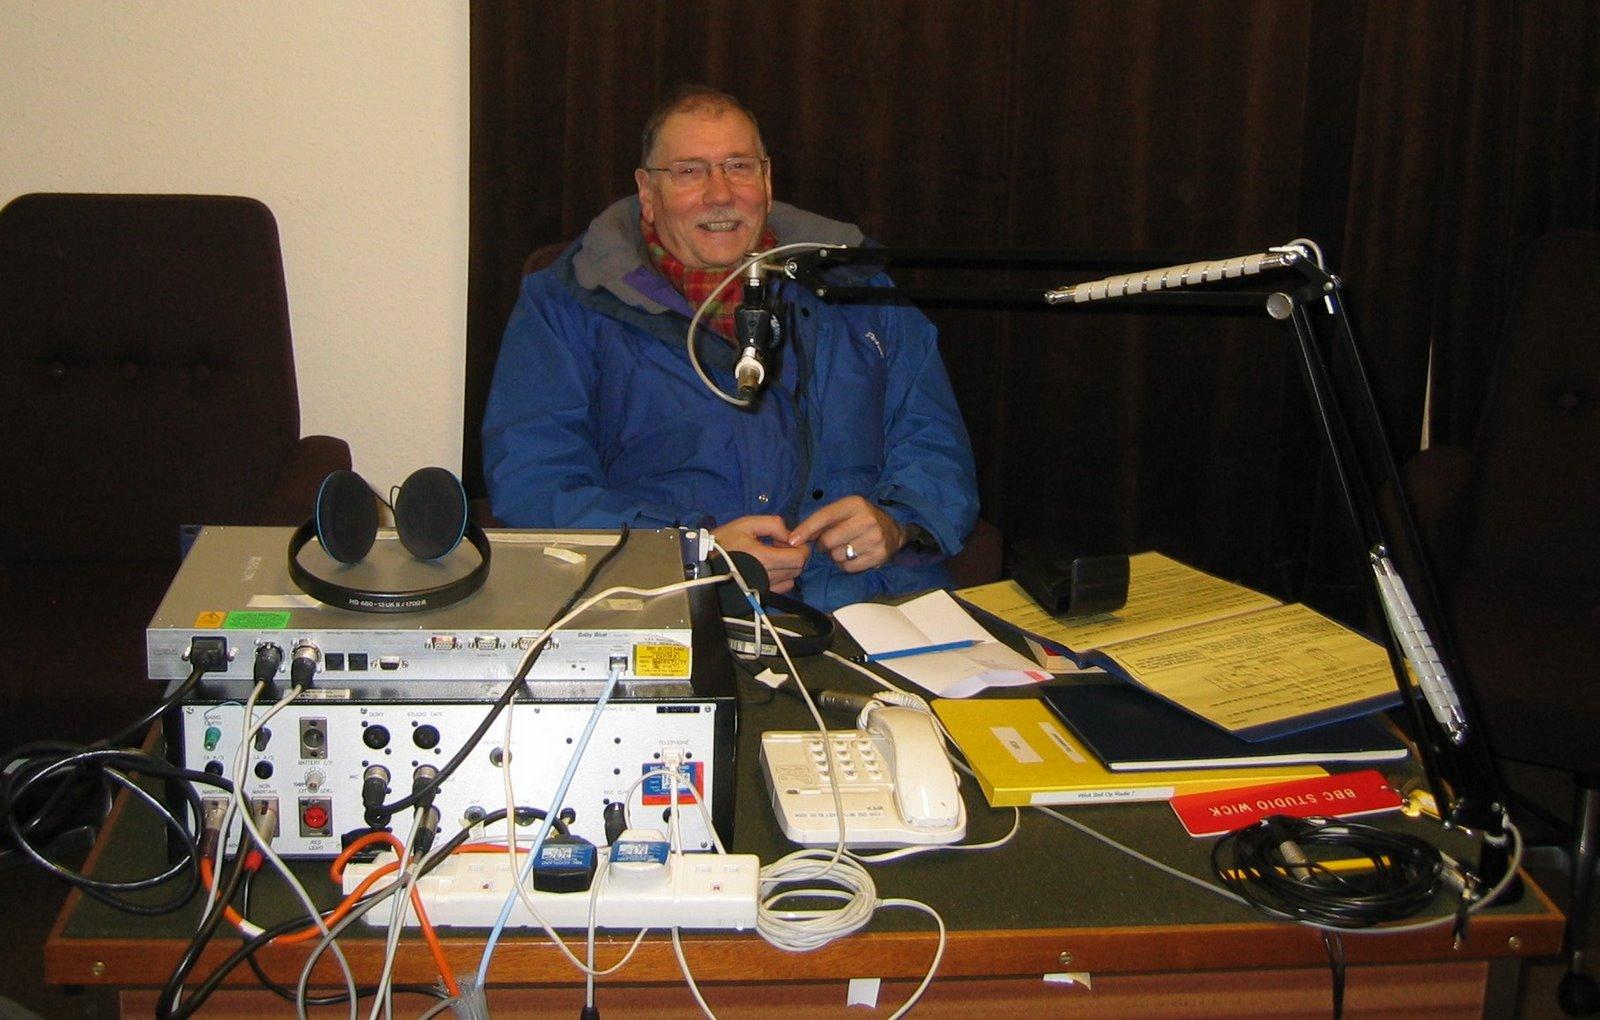 [Rob+records+radio+slot+in+Wick+studio+of+BBC+-+small+and+very+remote]